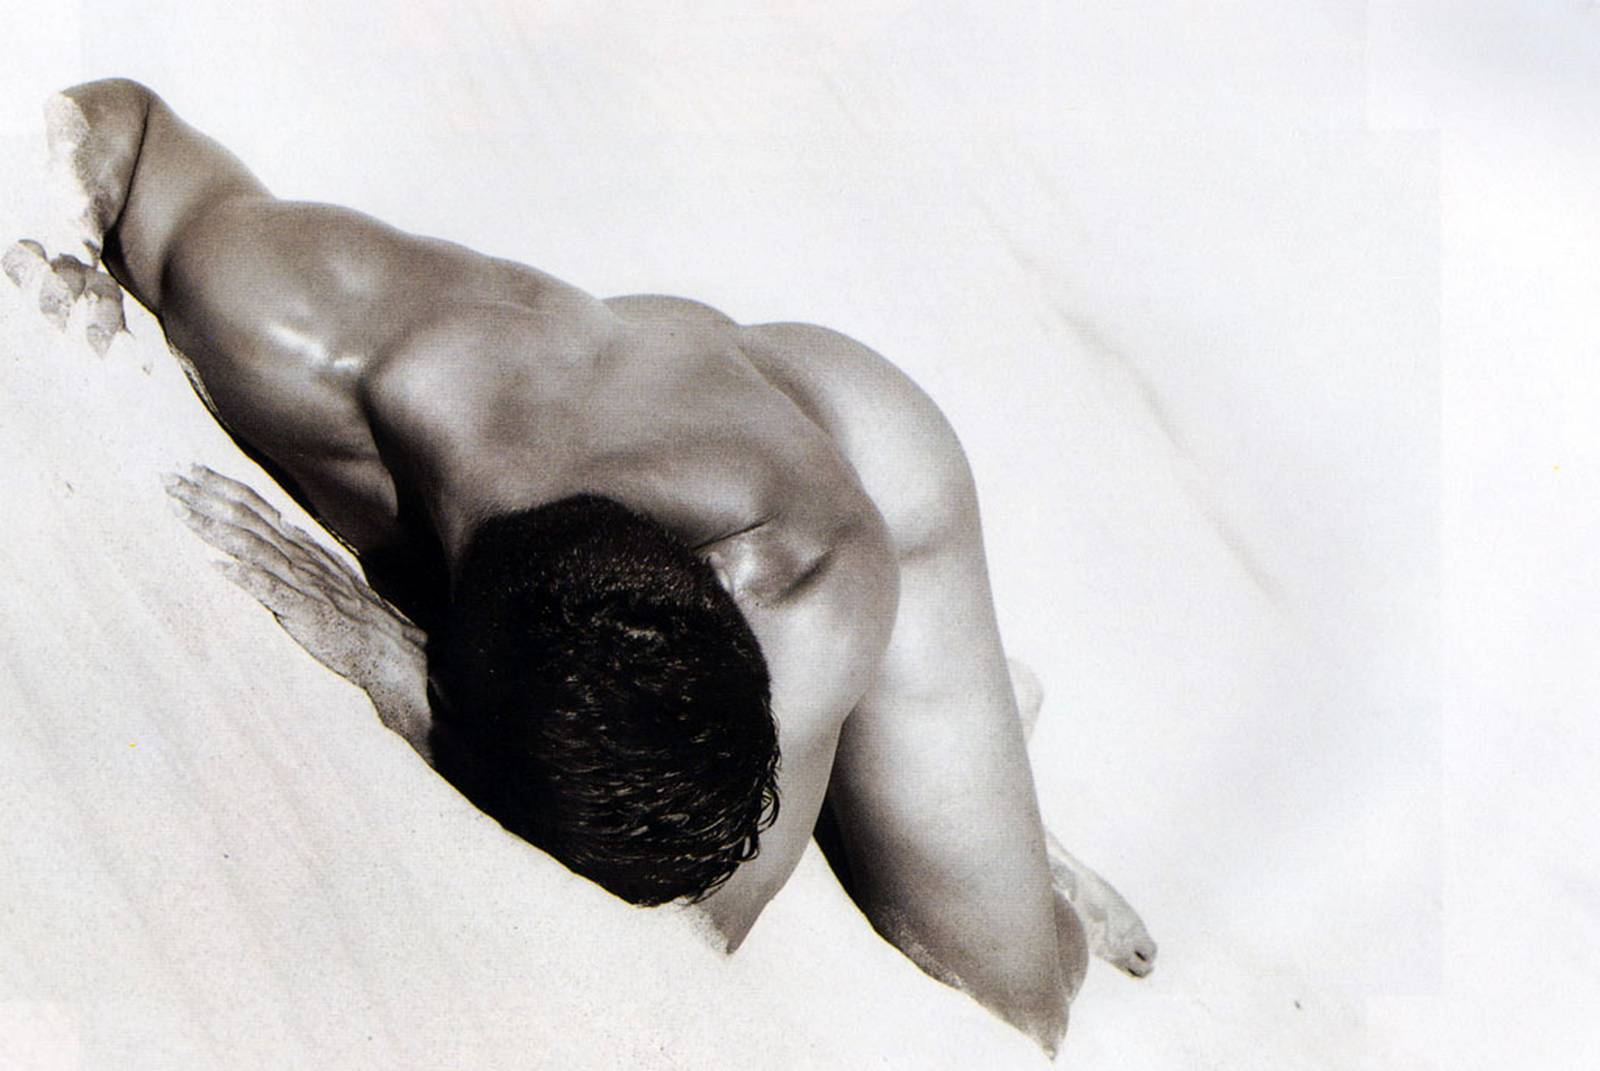 Фото голыых мужчин 11 фотография